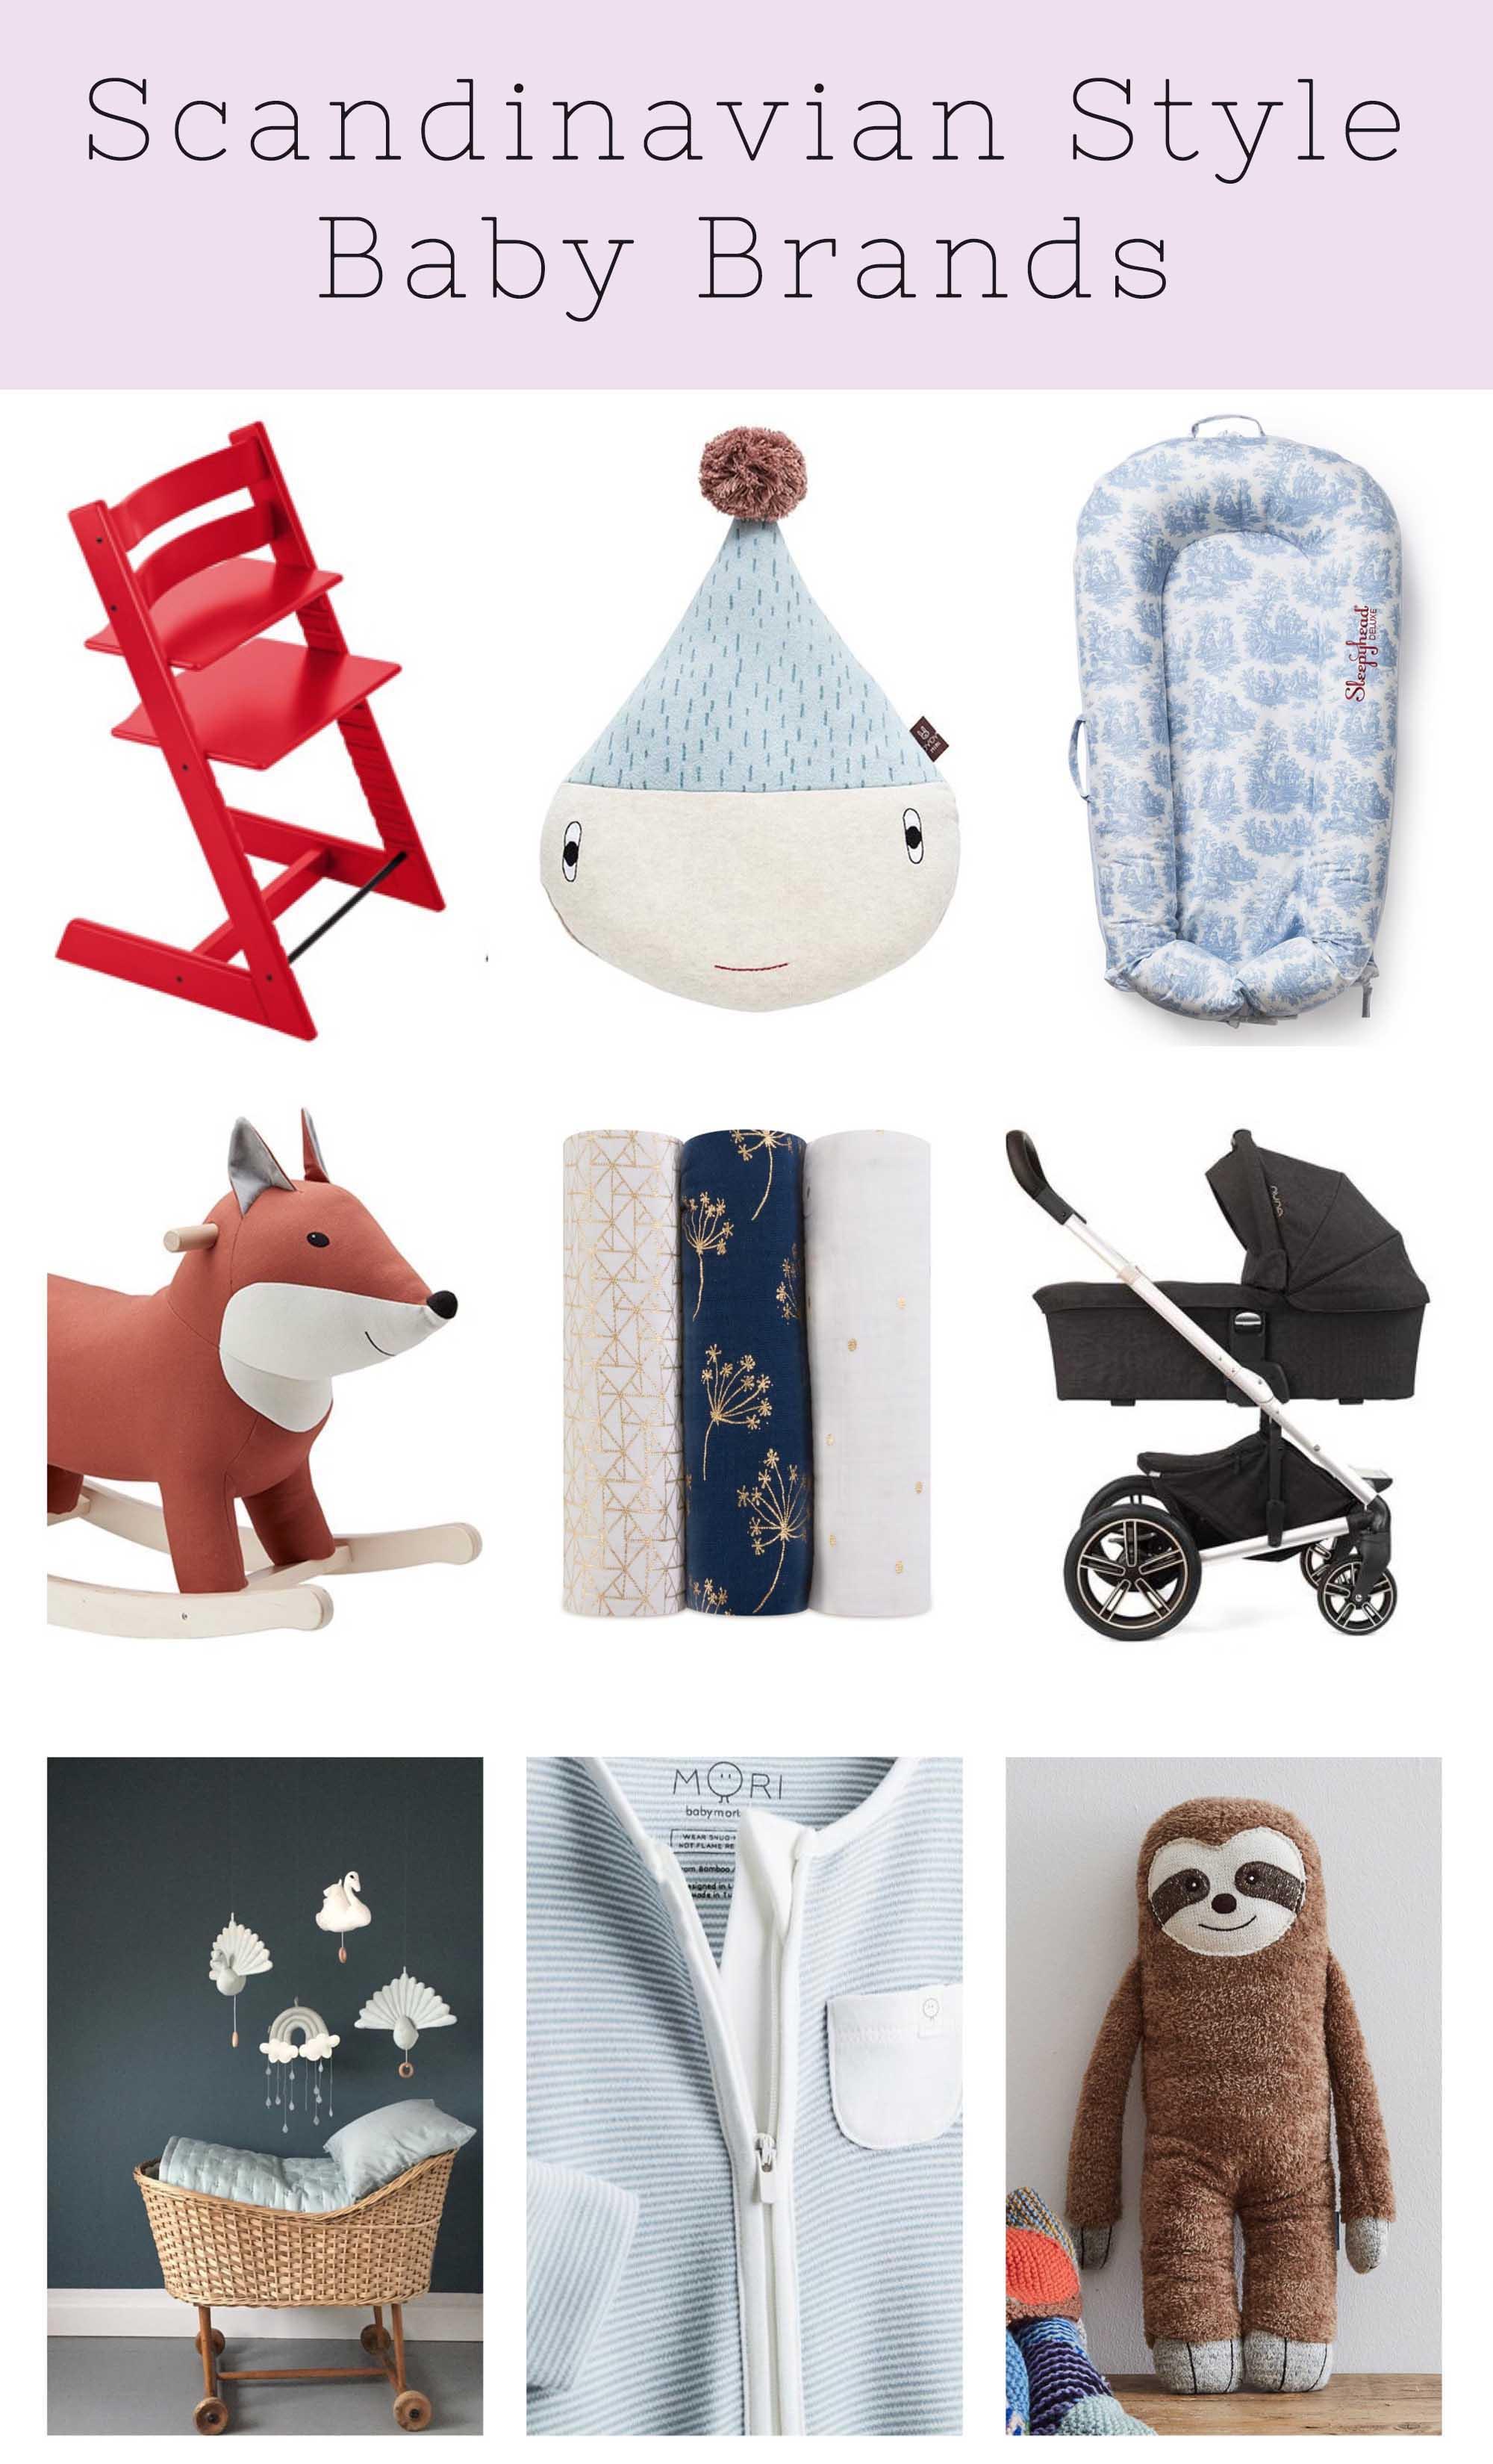 The best Scandinavian-style baby brands f00b41e7e6a3